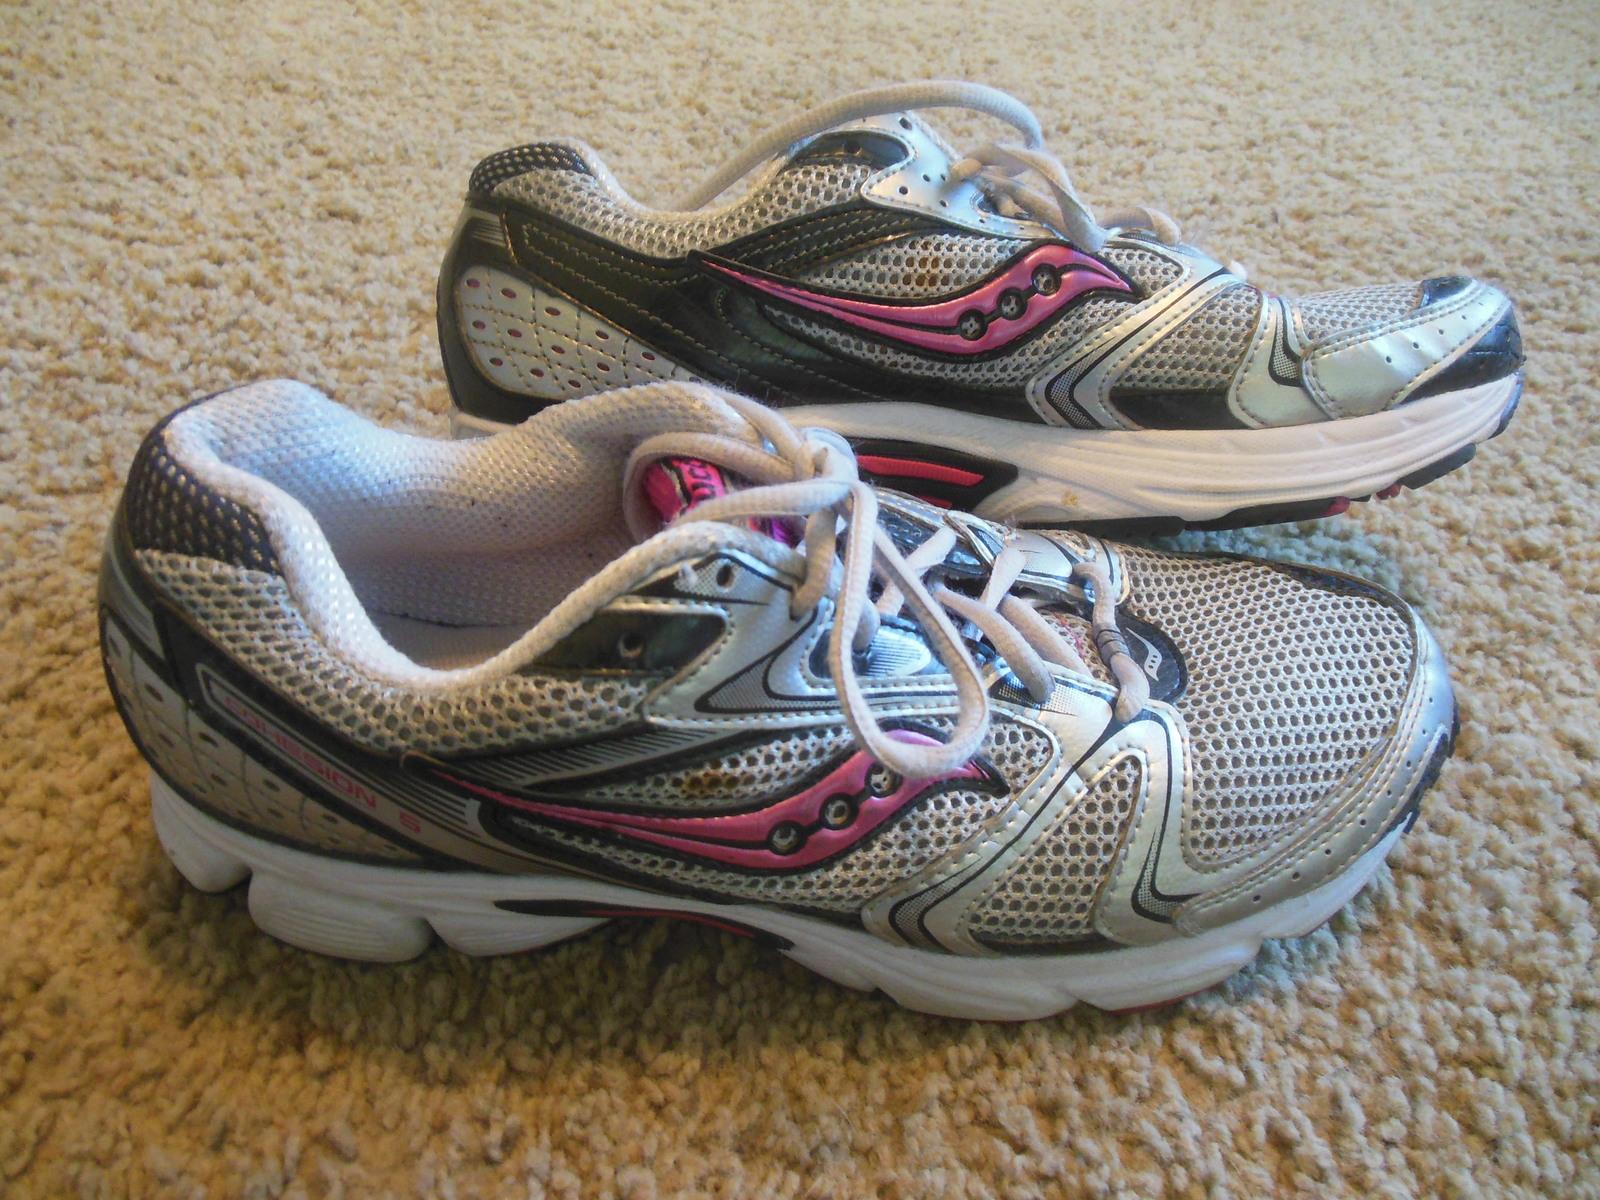 c1360c5d79ca Avia womens Tennis Shoes size 10 Saucony -  17.95